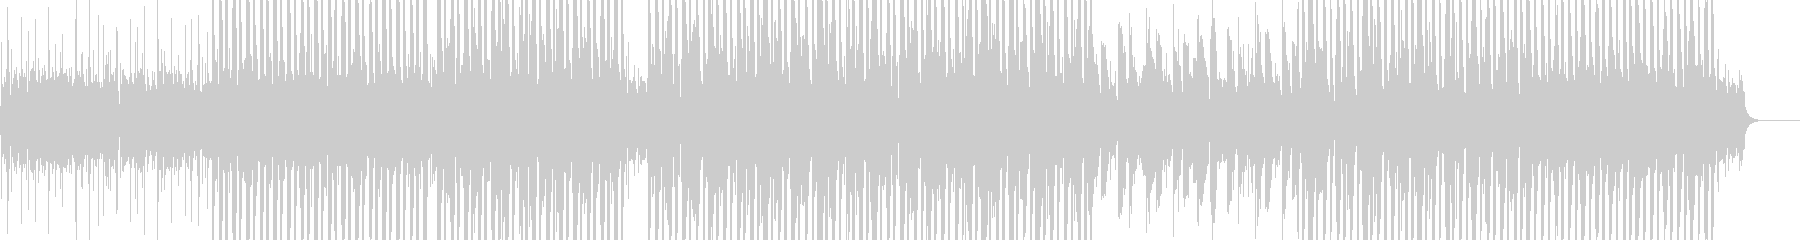 ゆったり4つ打ち 甘いギターアルペジオの未再生の波形